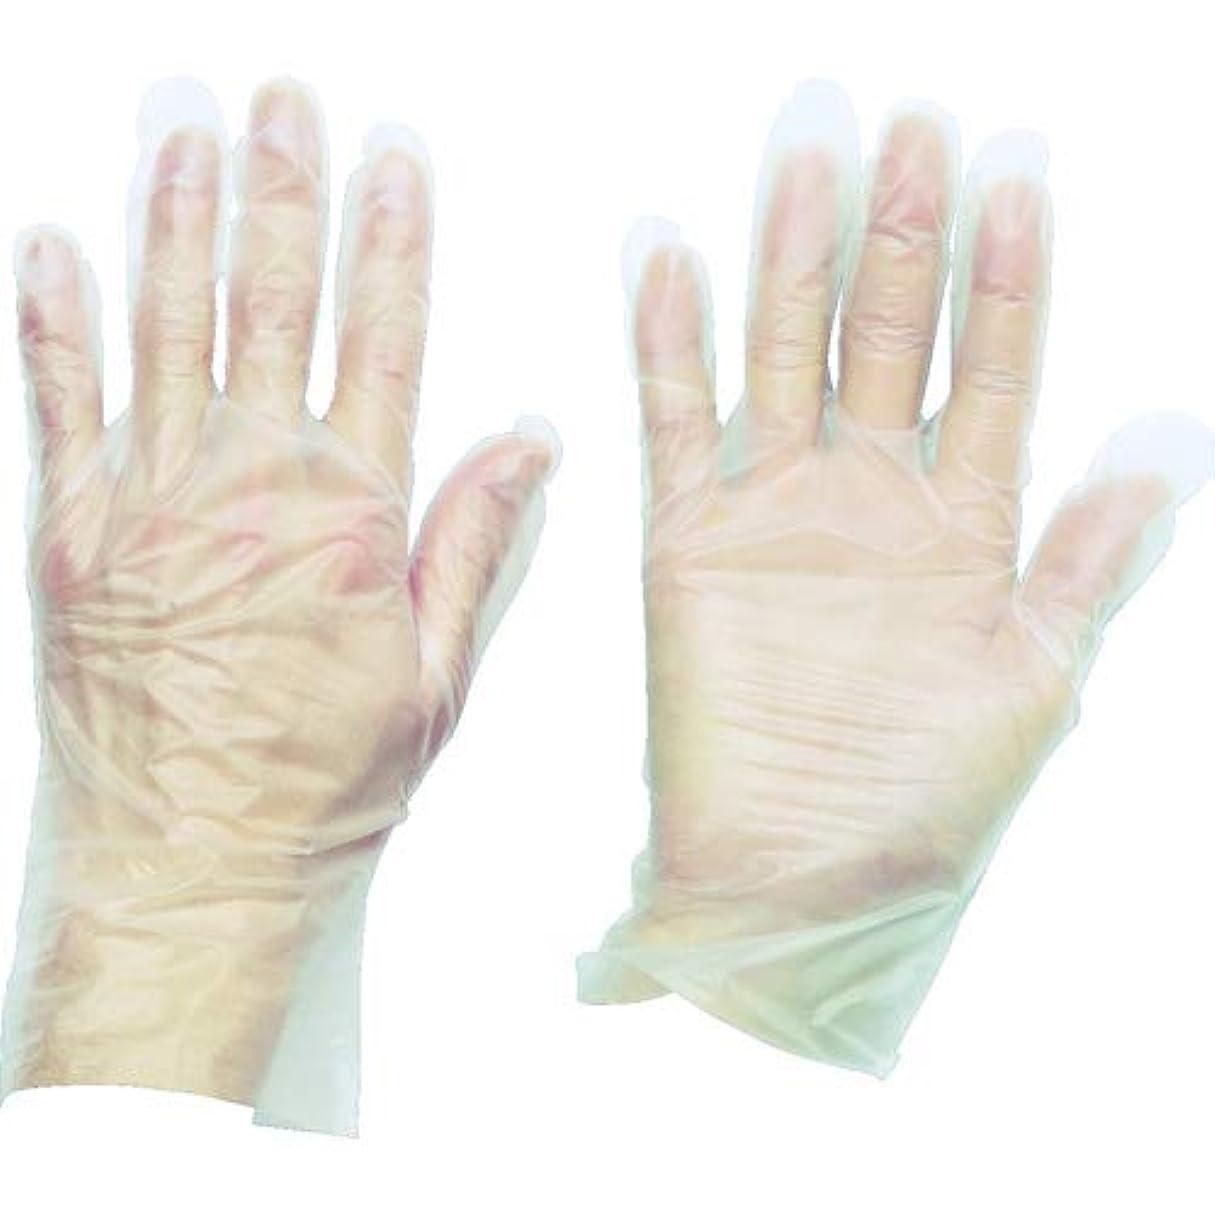 省誓う類人猿トラスコ中山 株 TRUSCO ポリエチレン 使い捨て手袋 ウェーブカットタイプS 100枚入 TGCPE025S